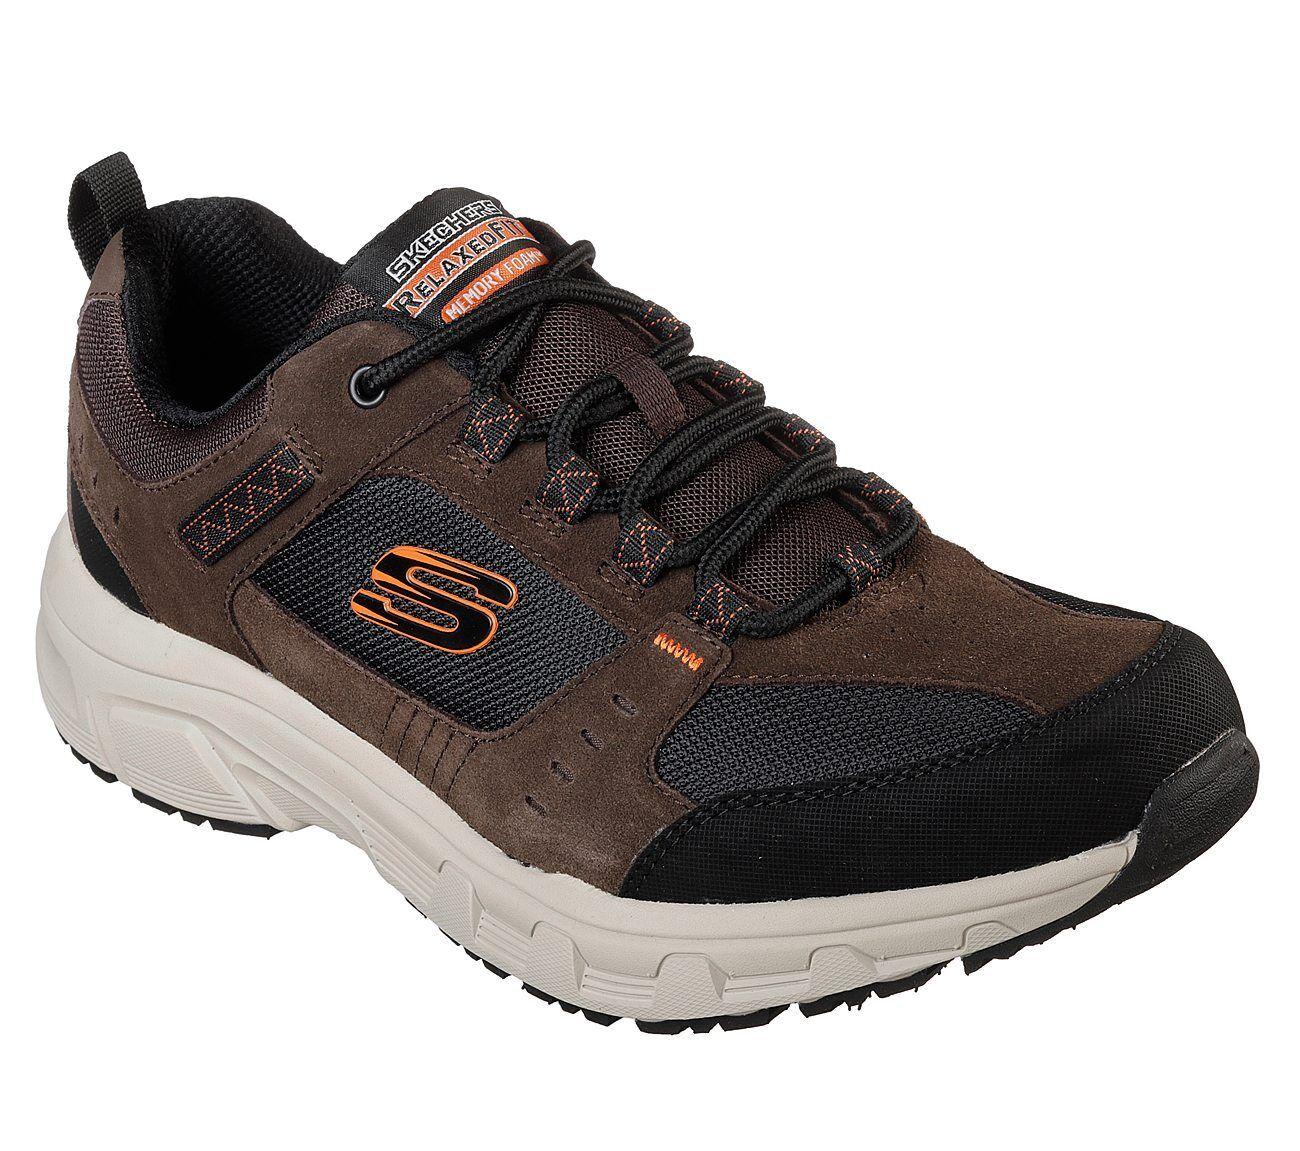 Skechers Relaxed Fit  Oak Canyon Trainers Mens Memory Foam Walking schuhe 51893